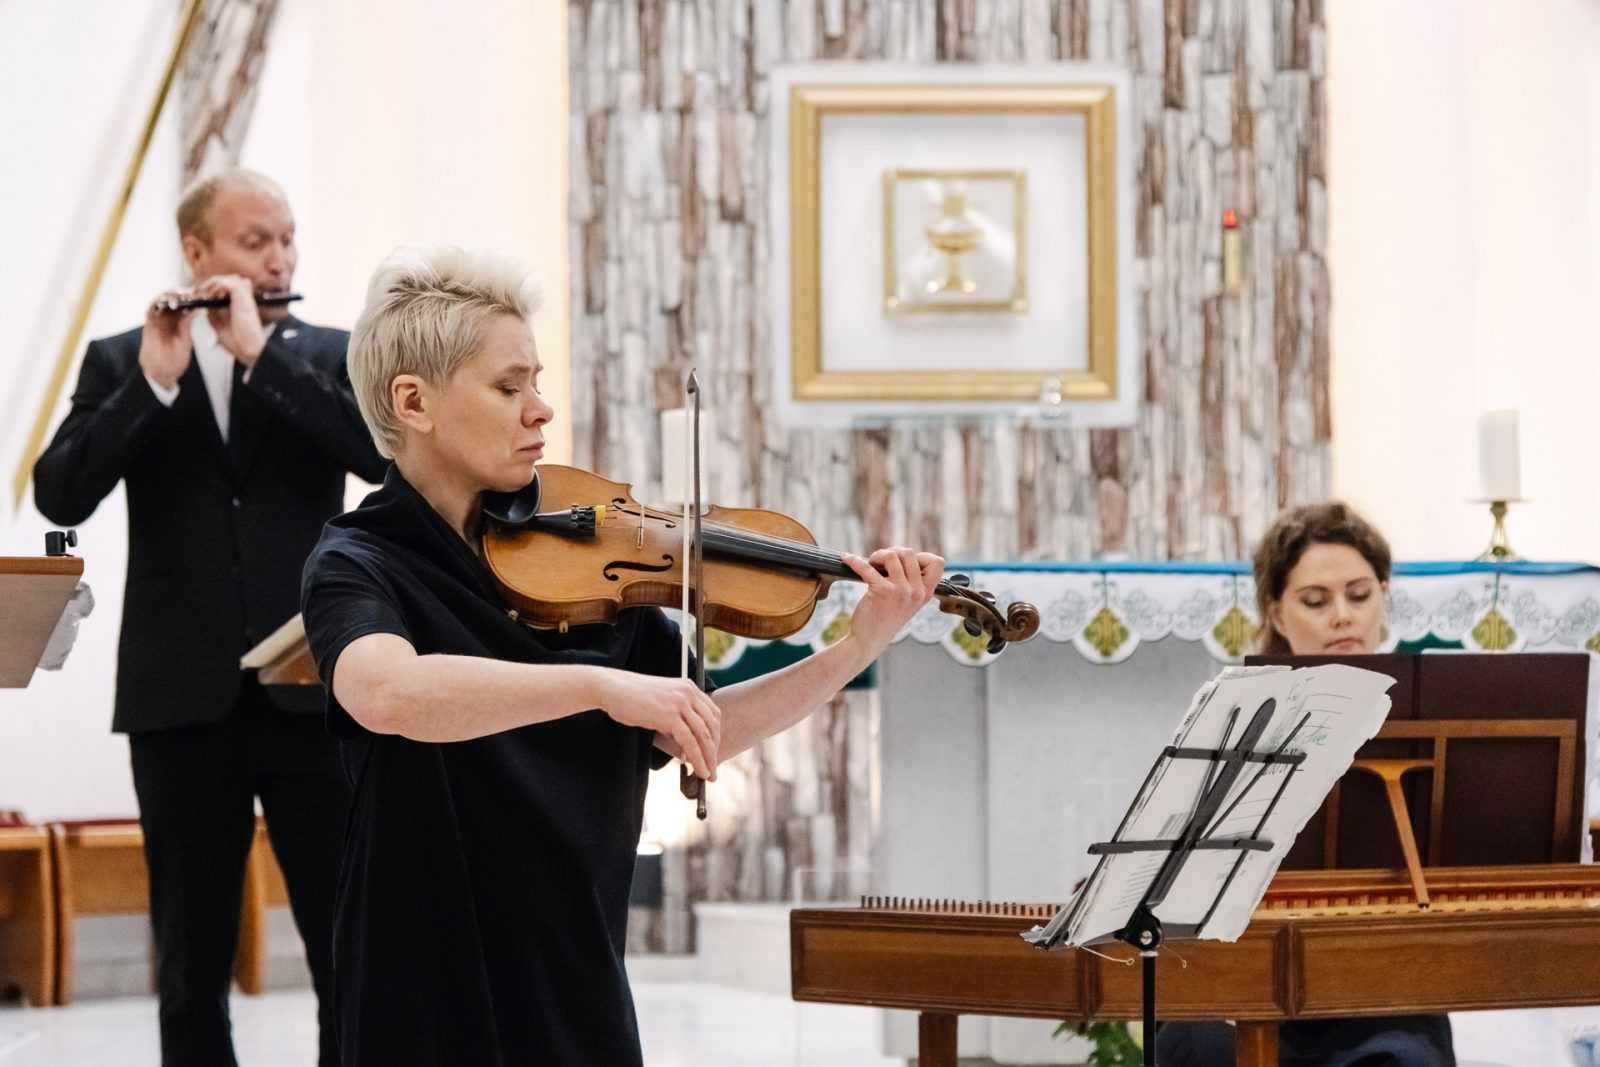 Музыка в храме КОНЦЕРТ «МАСТЕРА БАРОККО» 26.10.2019 18